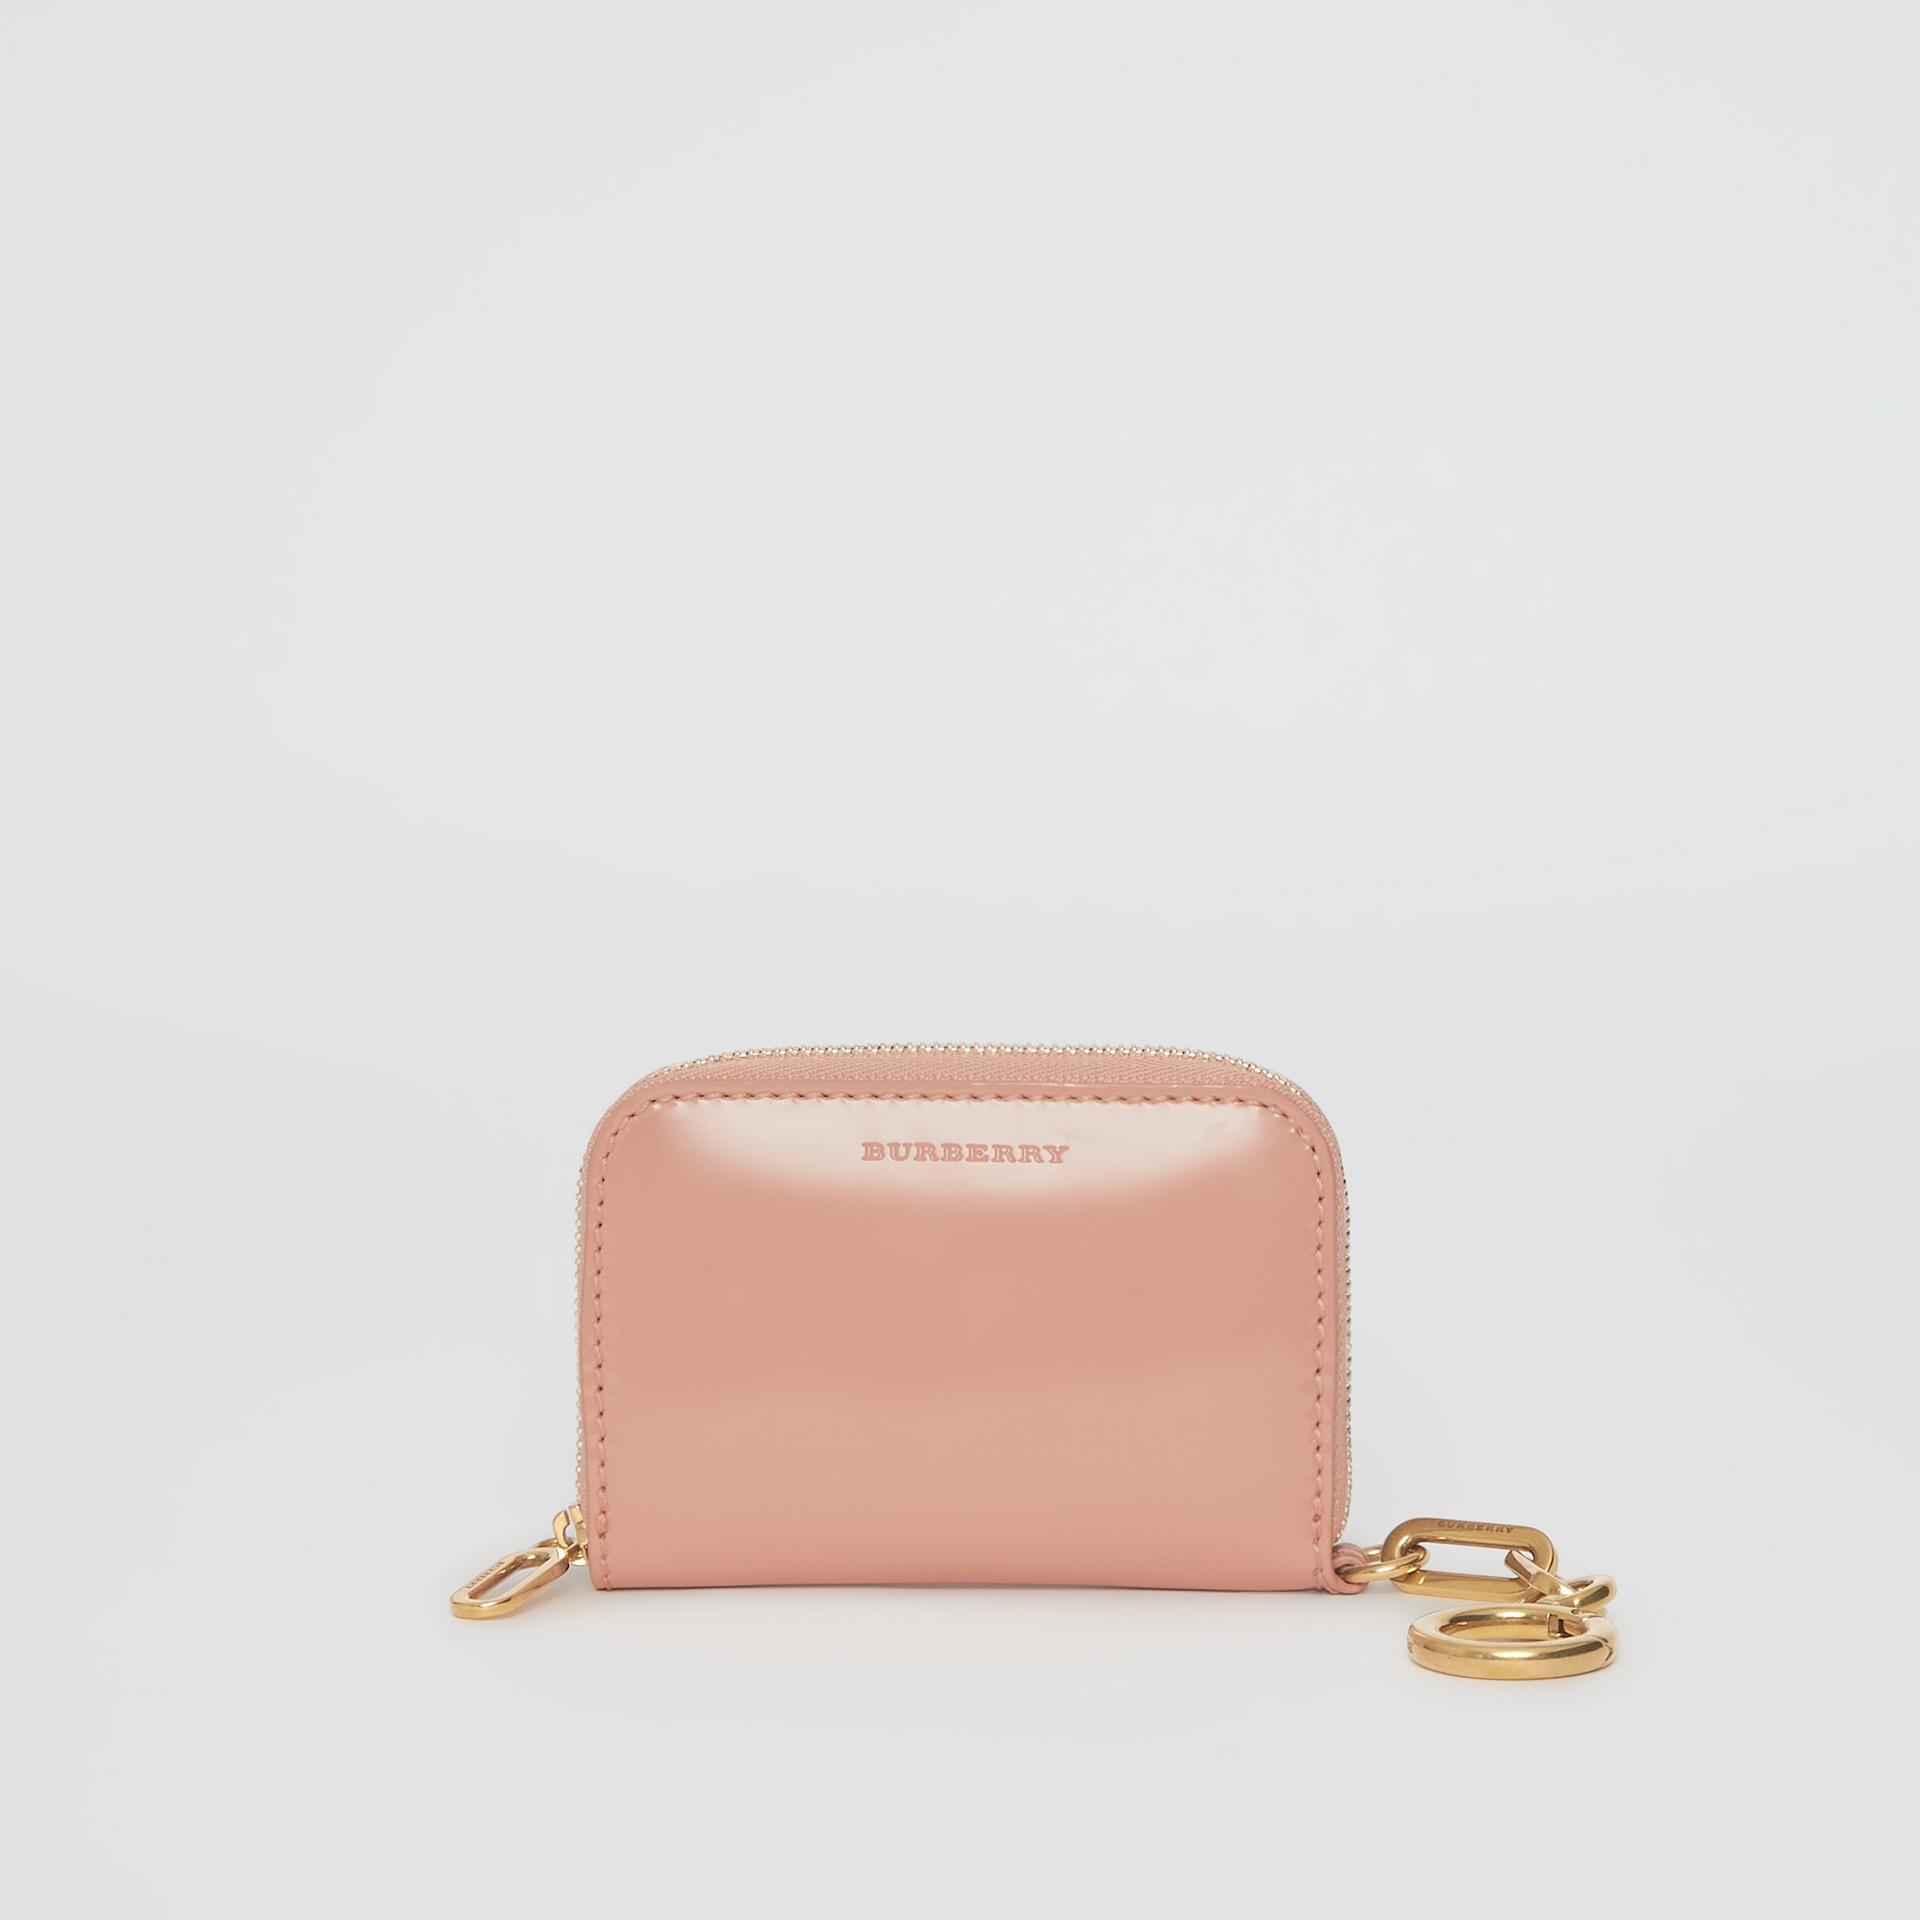 Кожаный бумажник из кожи с цепочкой (Бледный Бежево-розовый) - Для женщин | Burberry - изображение 0